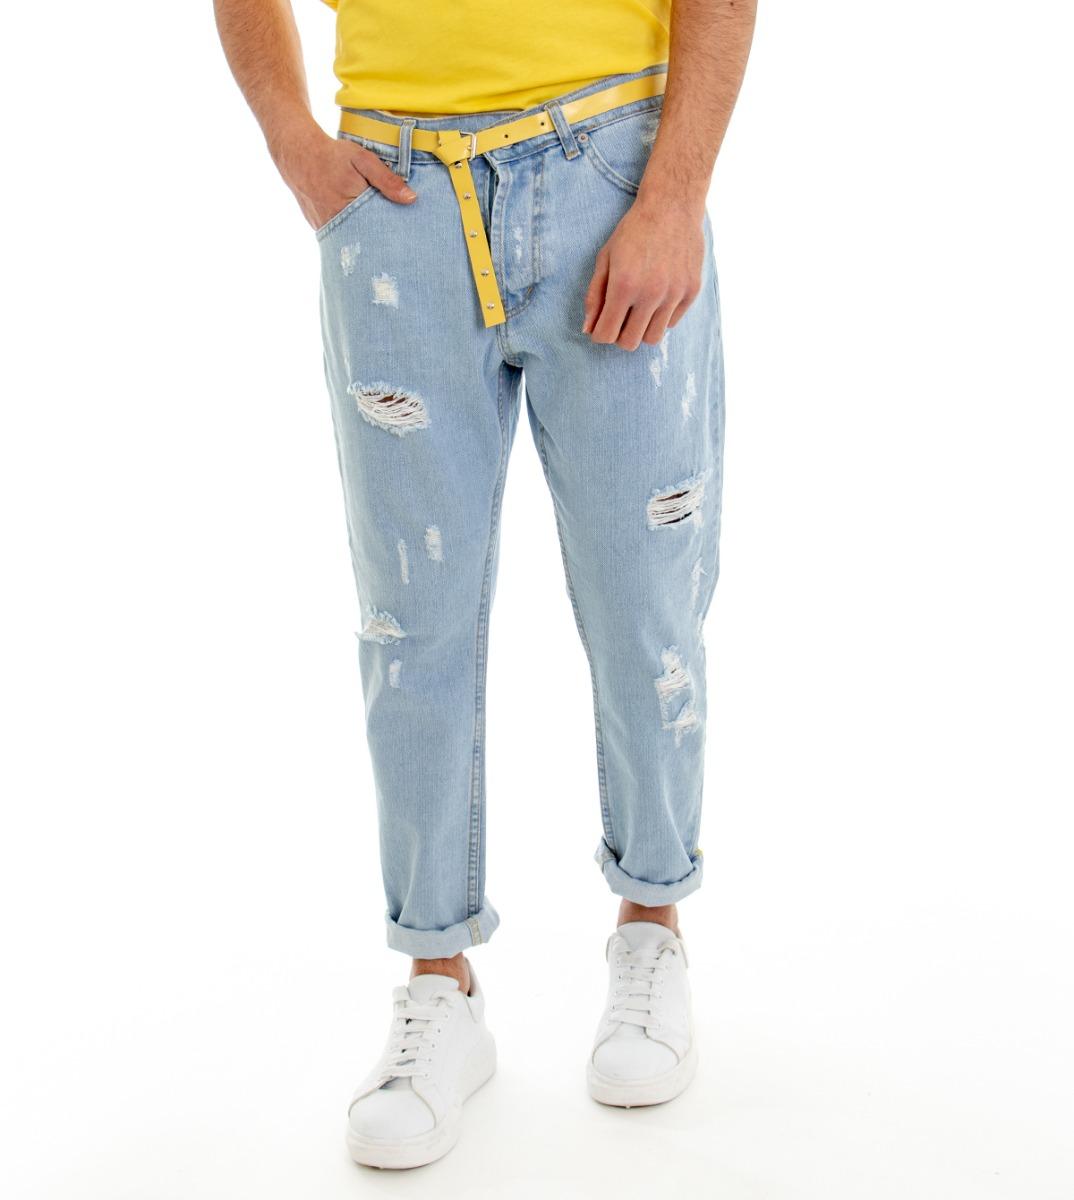 Pantalone-Denim-Chiaro-Uomo-Jeans-Cinque-Tasche-Con-Rotture-MOD-Cotone-GIOSAL miniatura 2